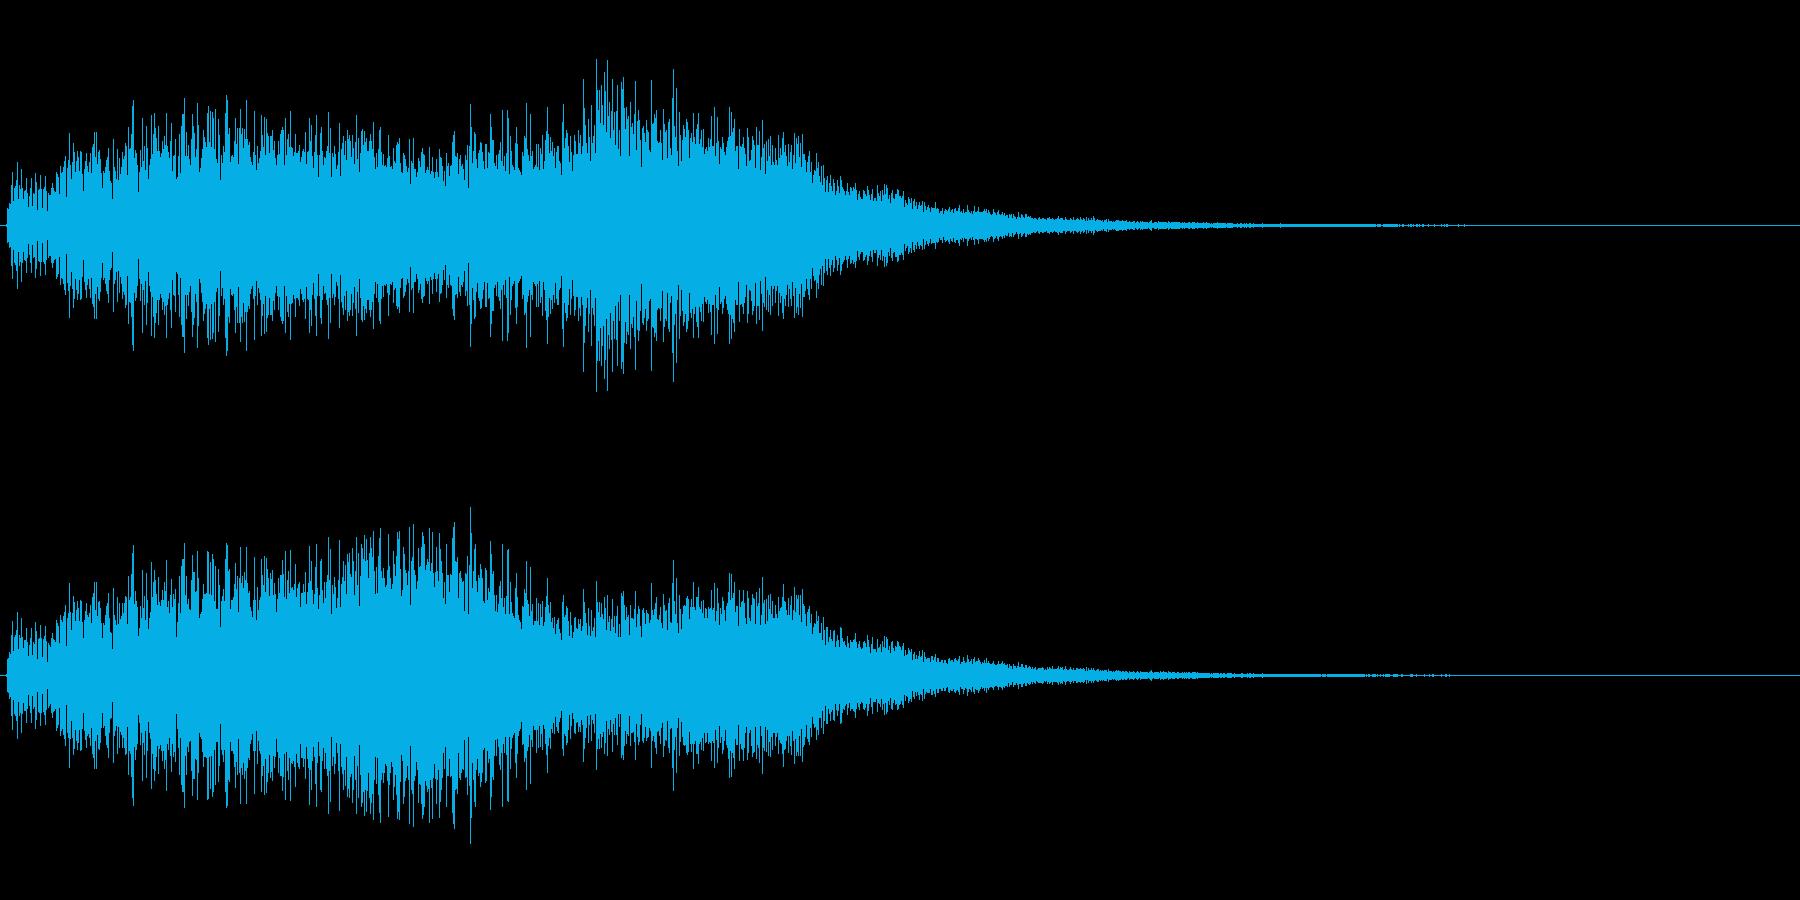 キュルルルン(透明感のある流星音)の再生済みの波形